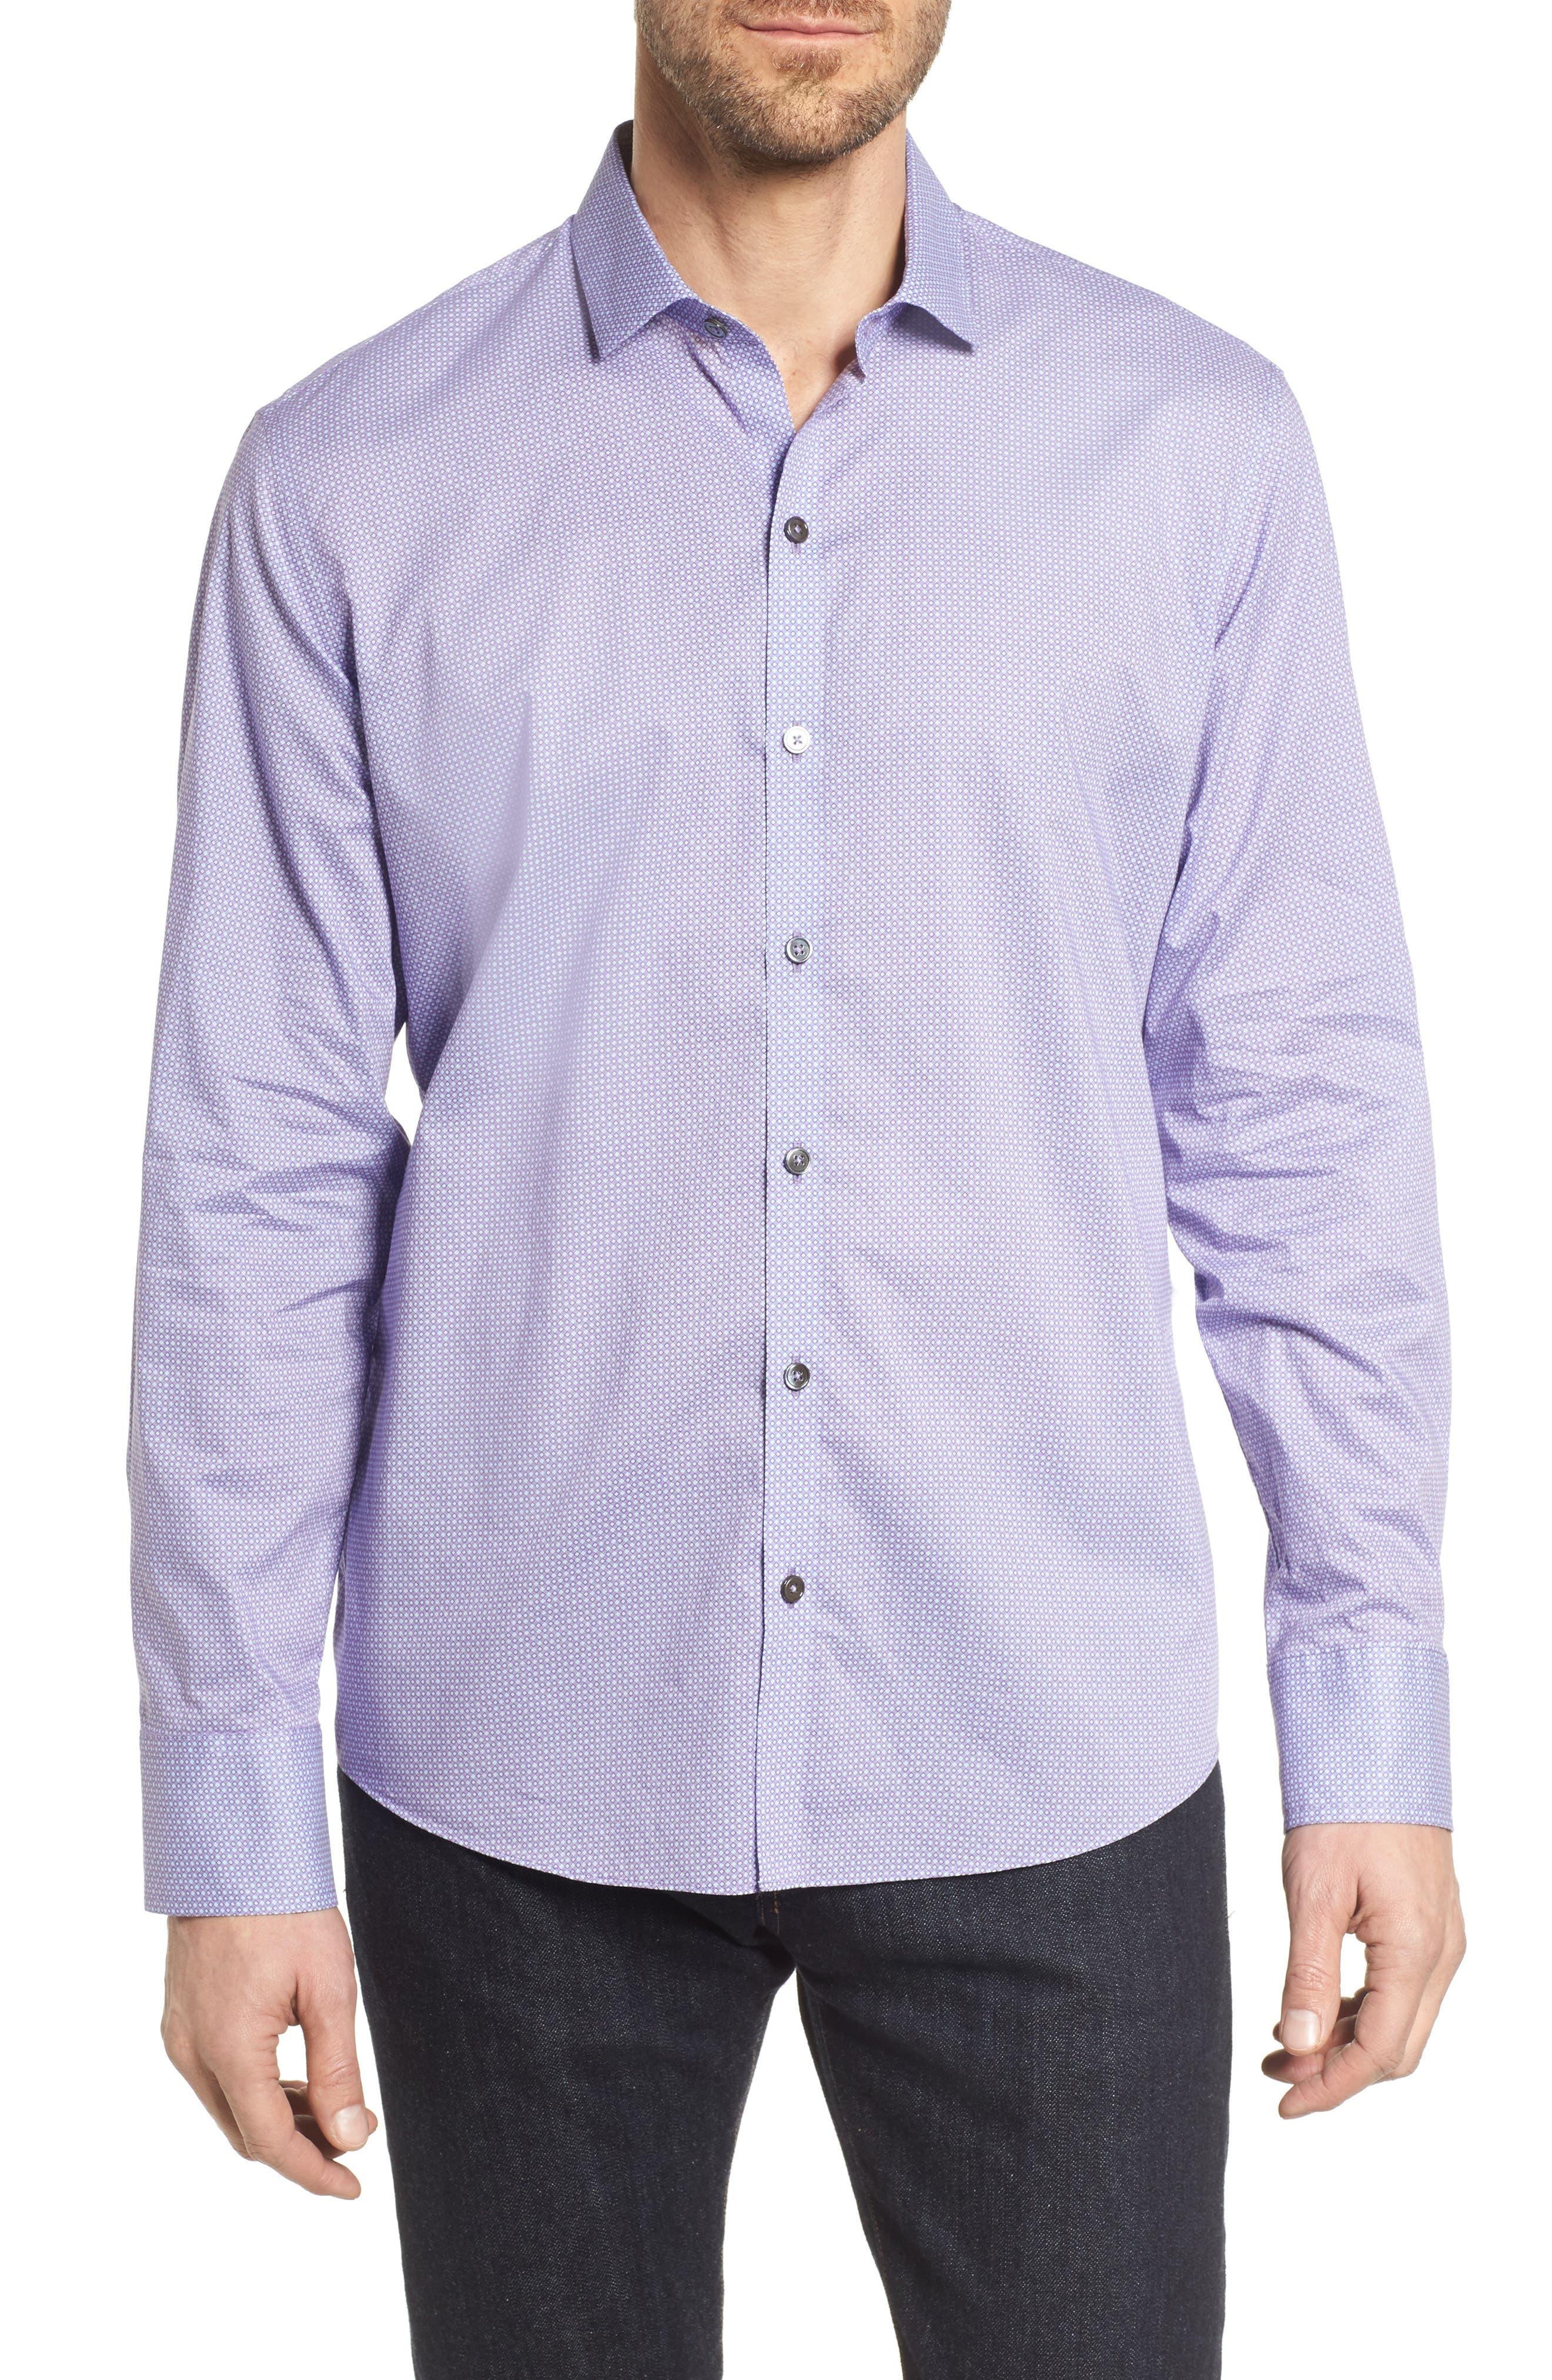 O'Malley Circle Print Sport Shirt,                         Main,                         color, 500